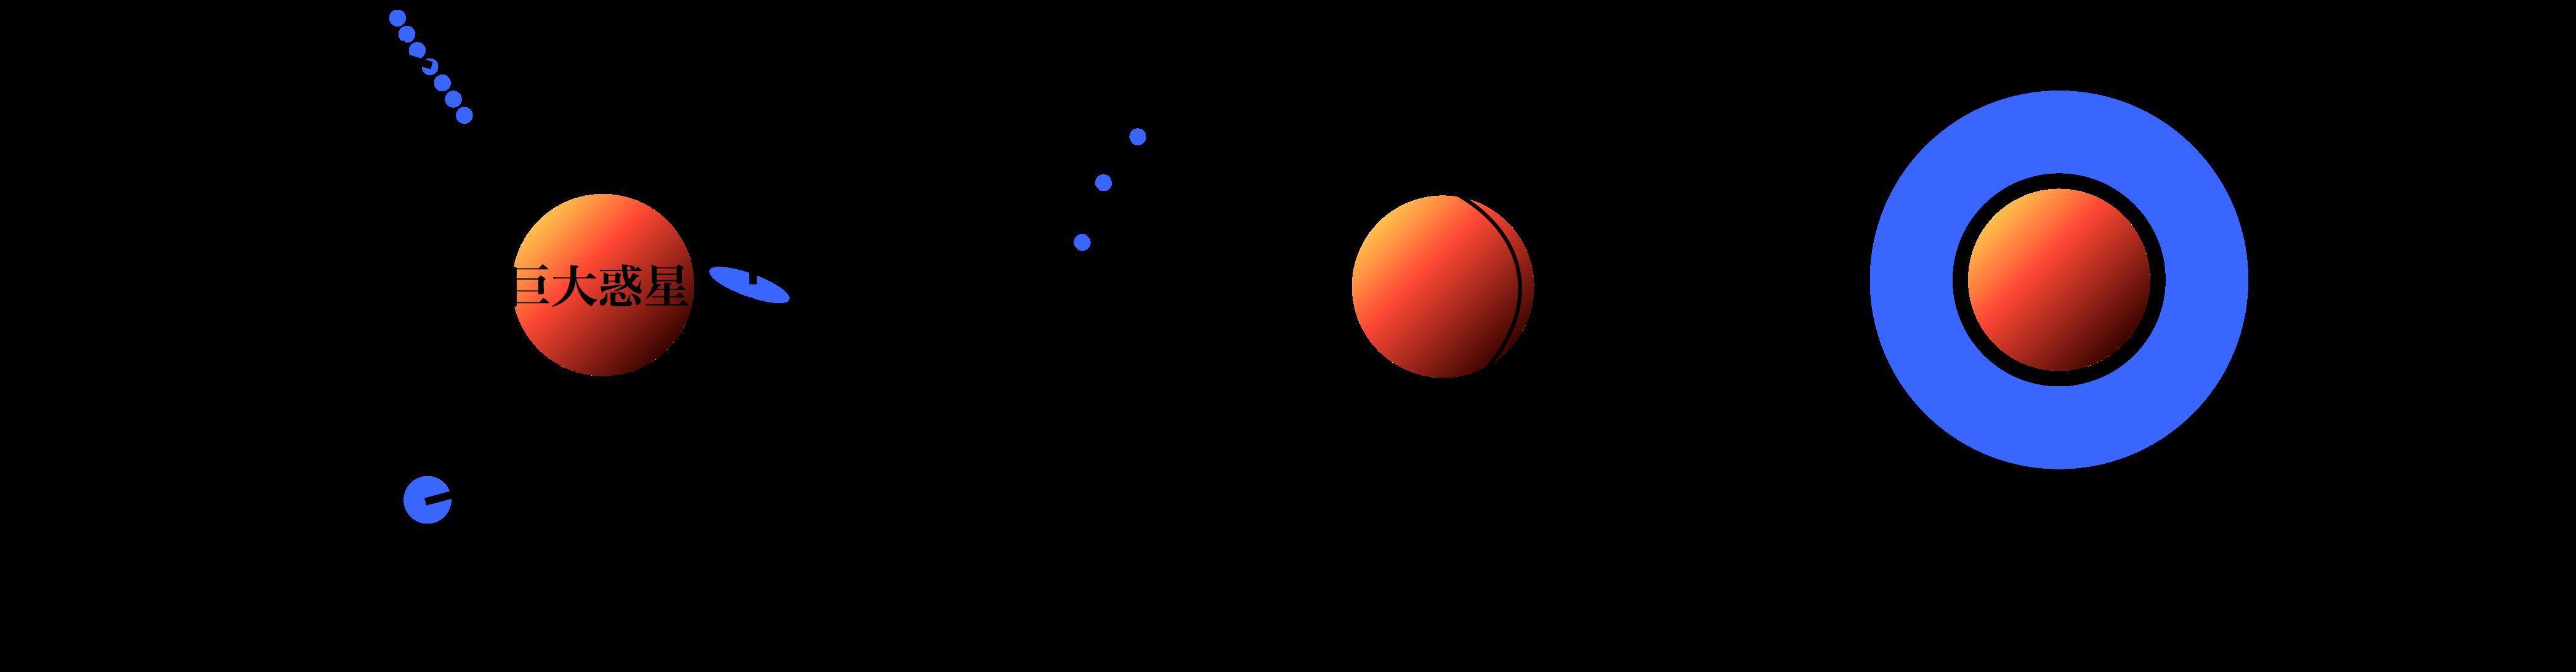 土星の輪、誕生の謎を解明